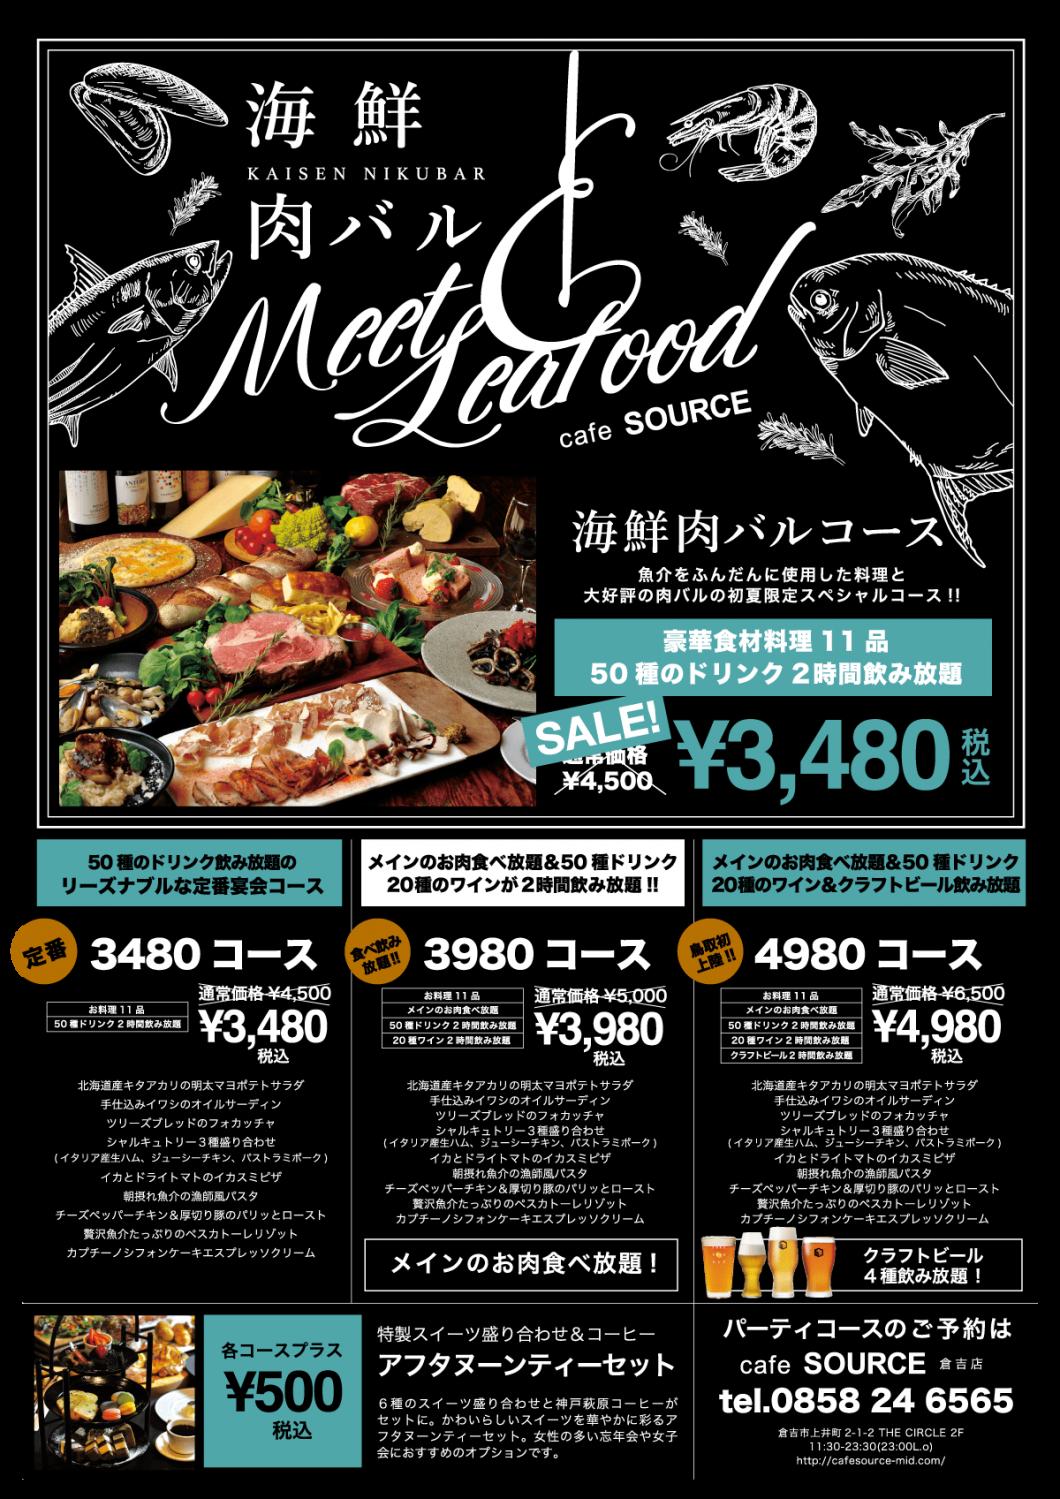 海鮮肉バルコース